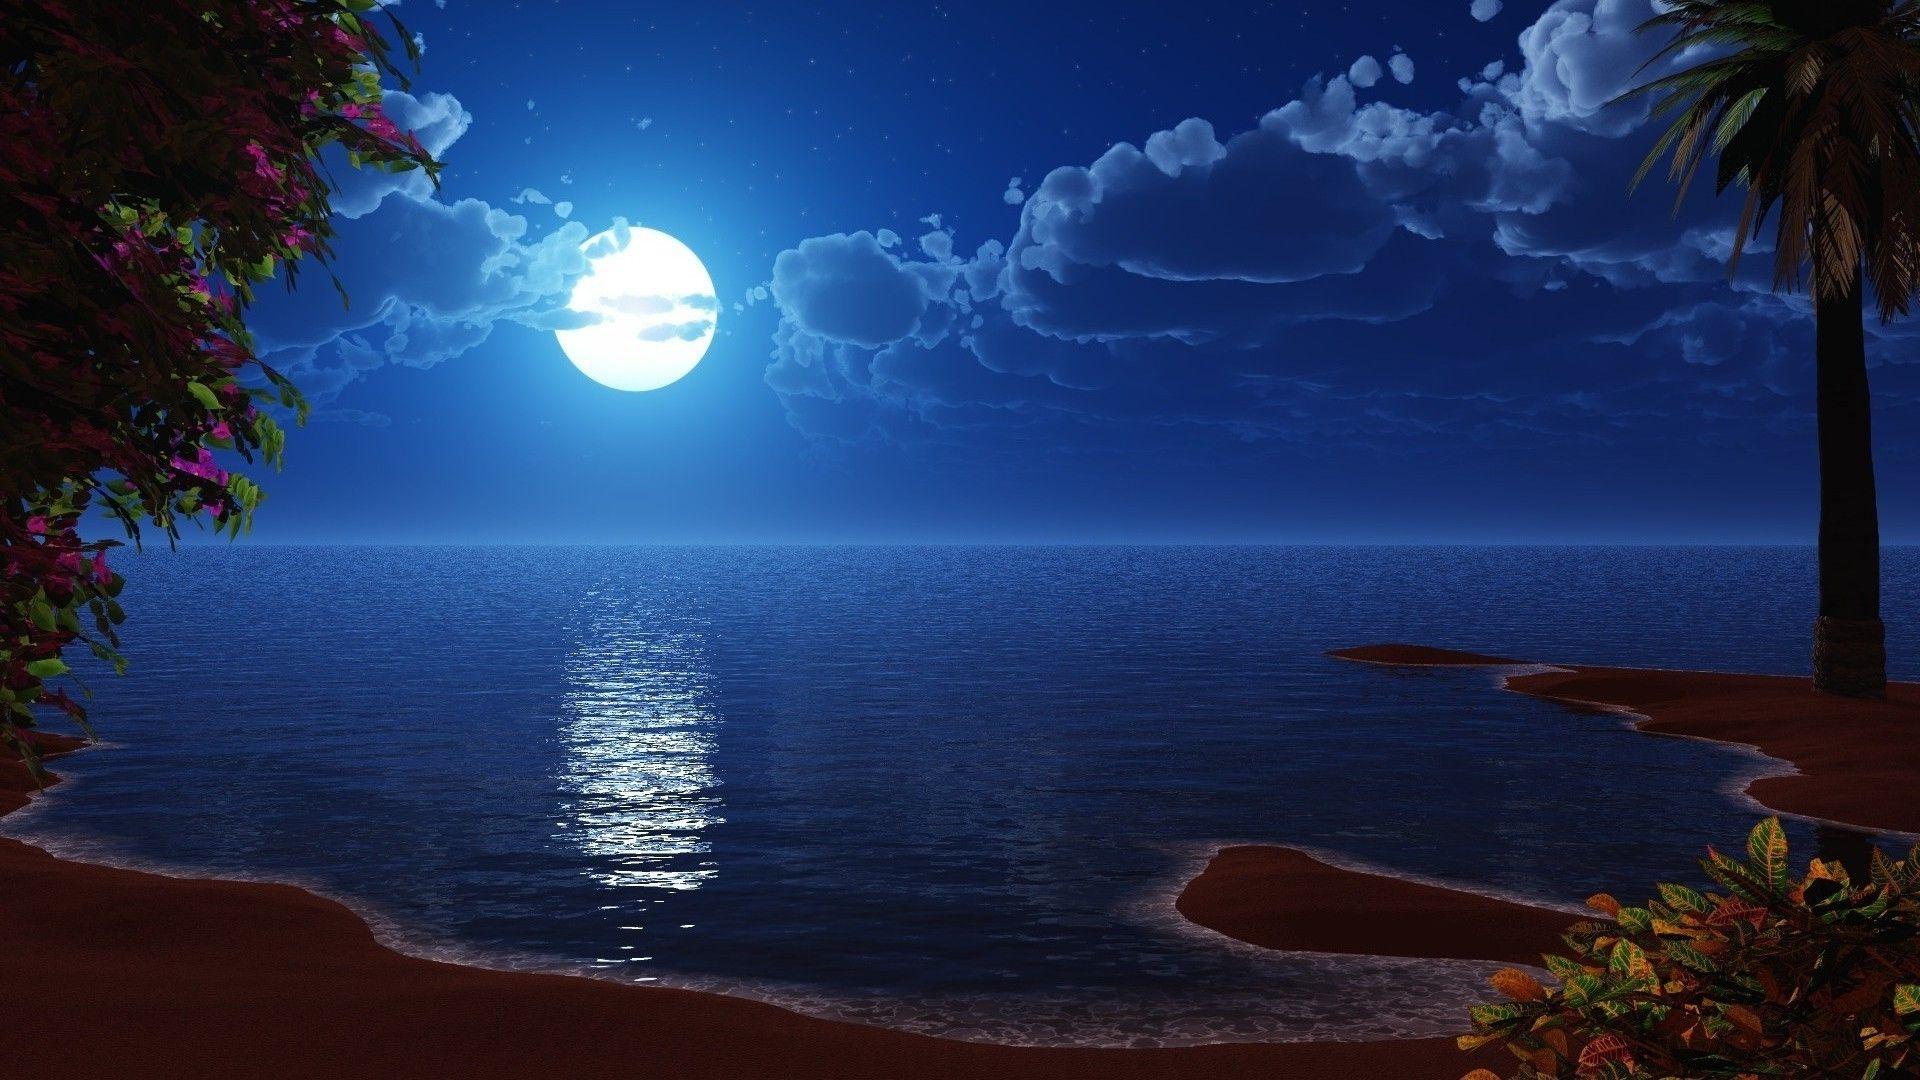 Beach At Night Beautiful Moon